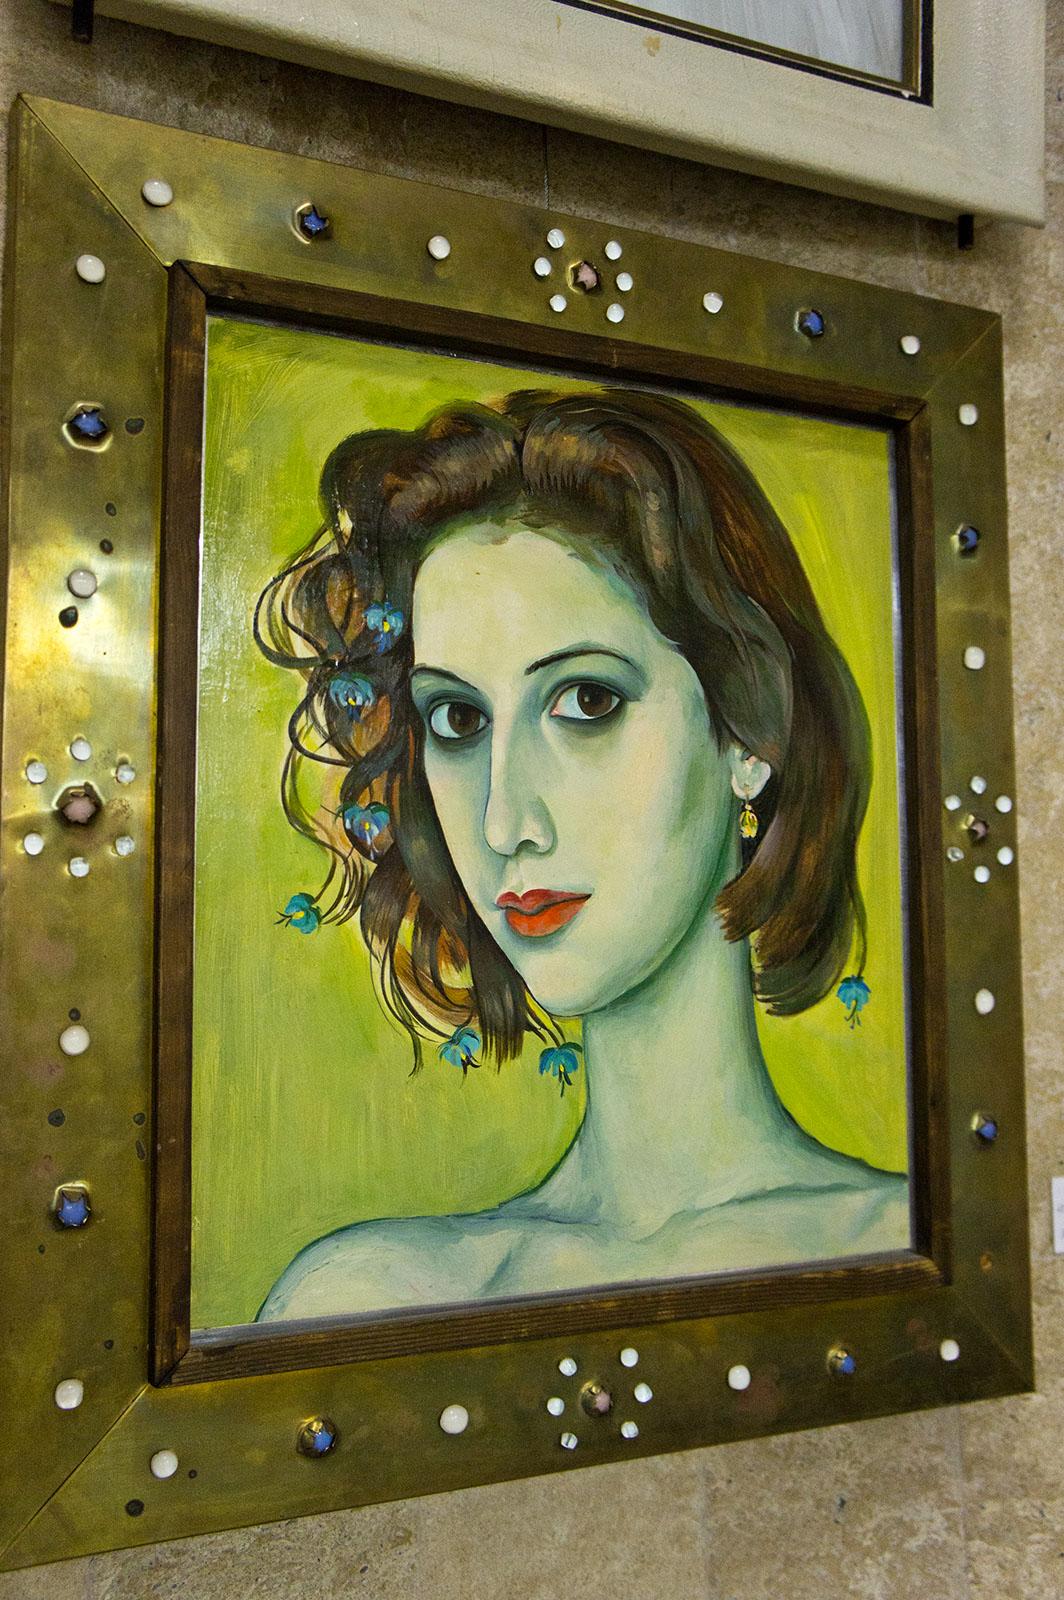 Фото №86886. ''Пиковая дама''. Портрет Ольги. 1992. Новоселов А.Ф.